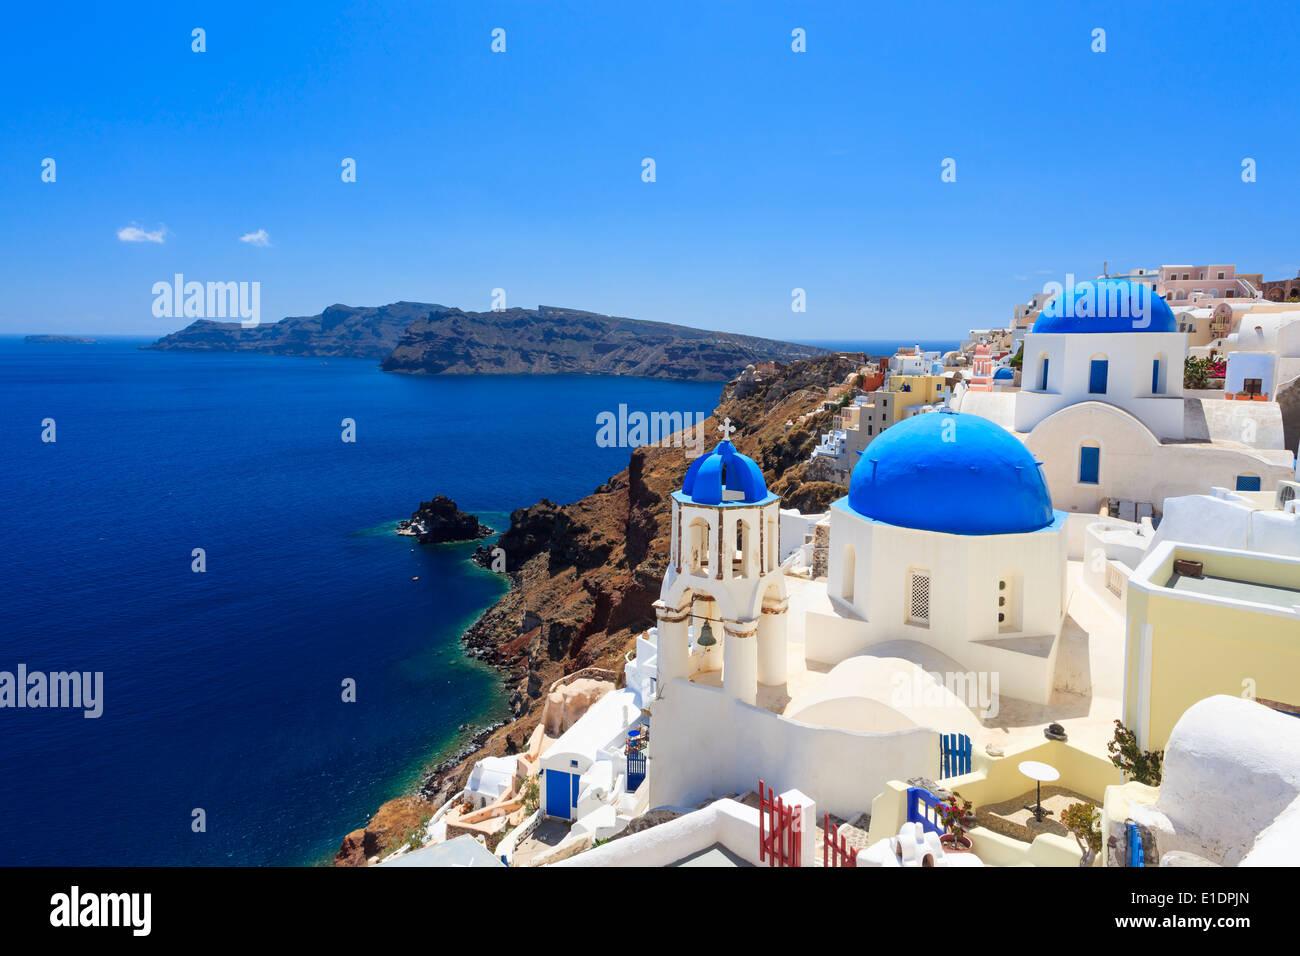 Églises au dôme bleu sur la Caldeira à Oia sur l'île grecque de Santorin. Photo Stock